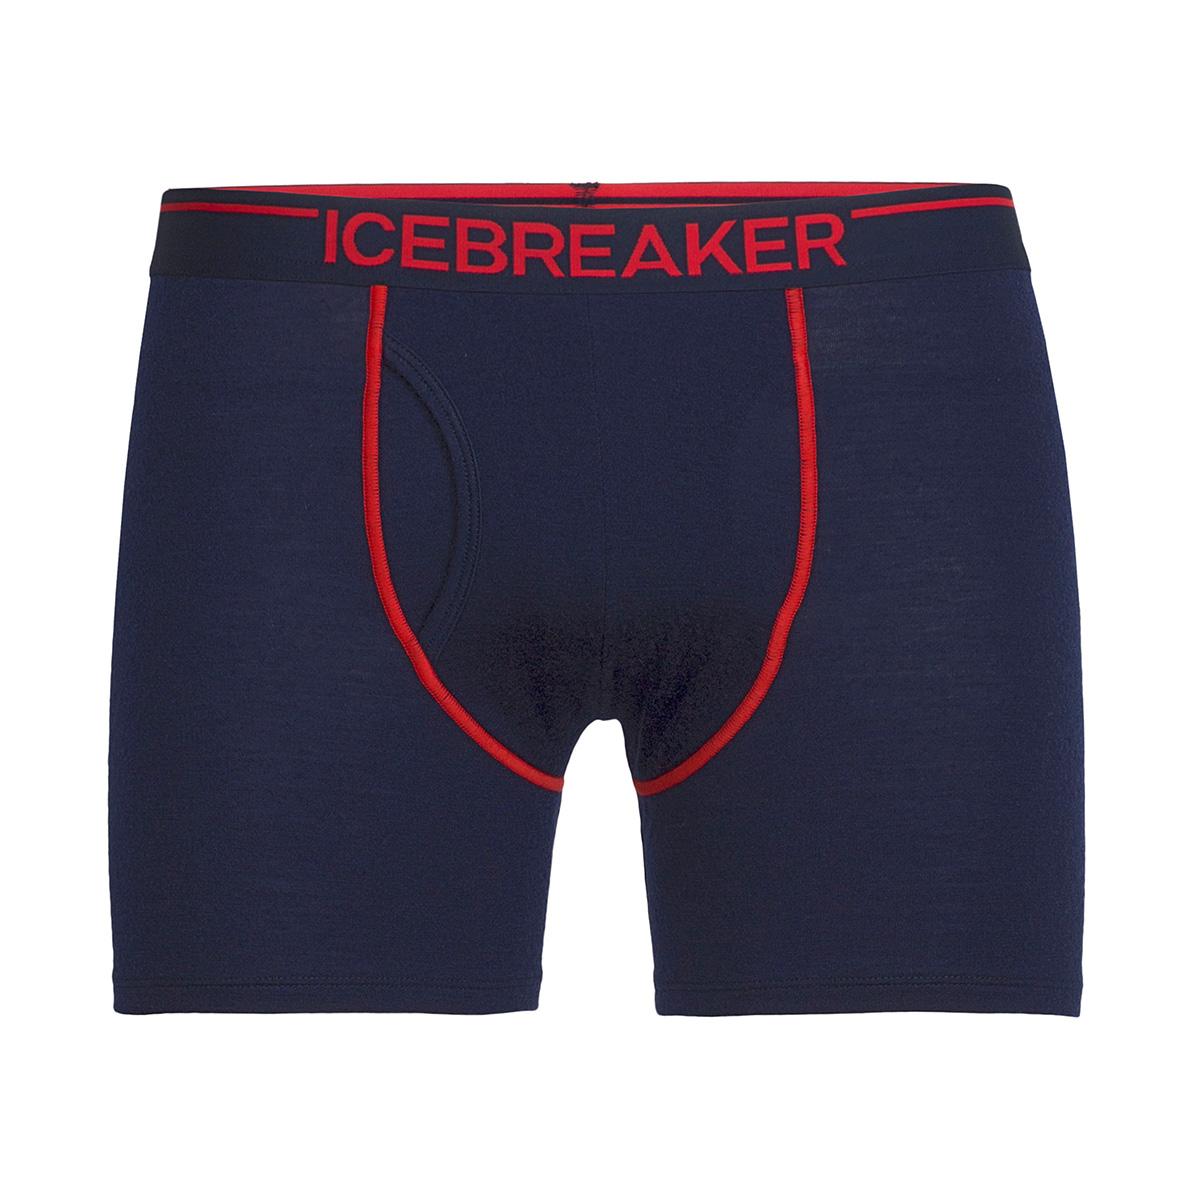 Лыжный спорт ICEBREAKER овечья шерсть мужской Функциональное белье, спорты на открытом воздухе, быстрая сушка для отдыха